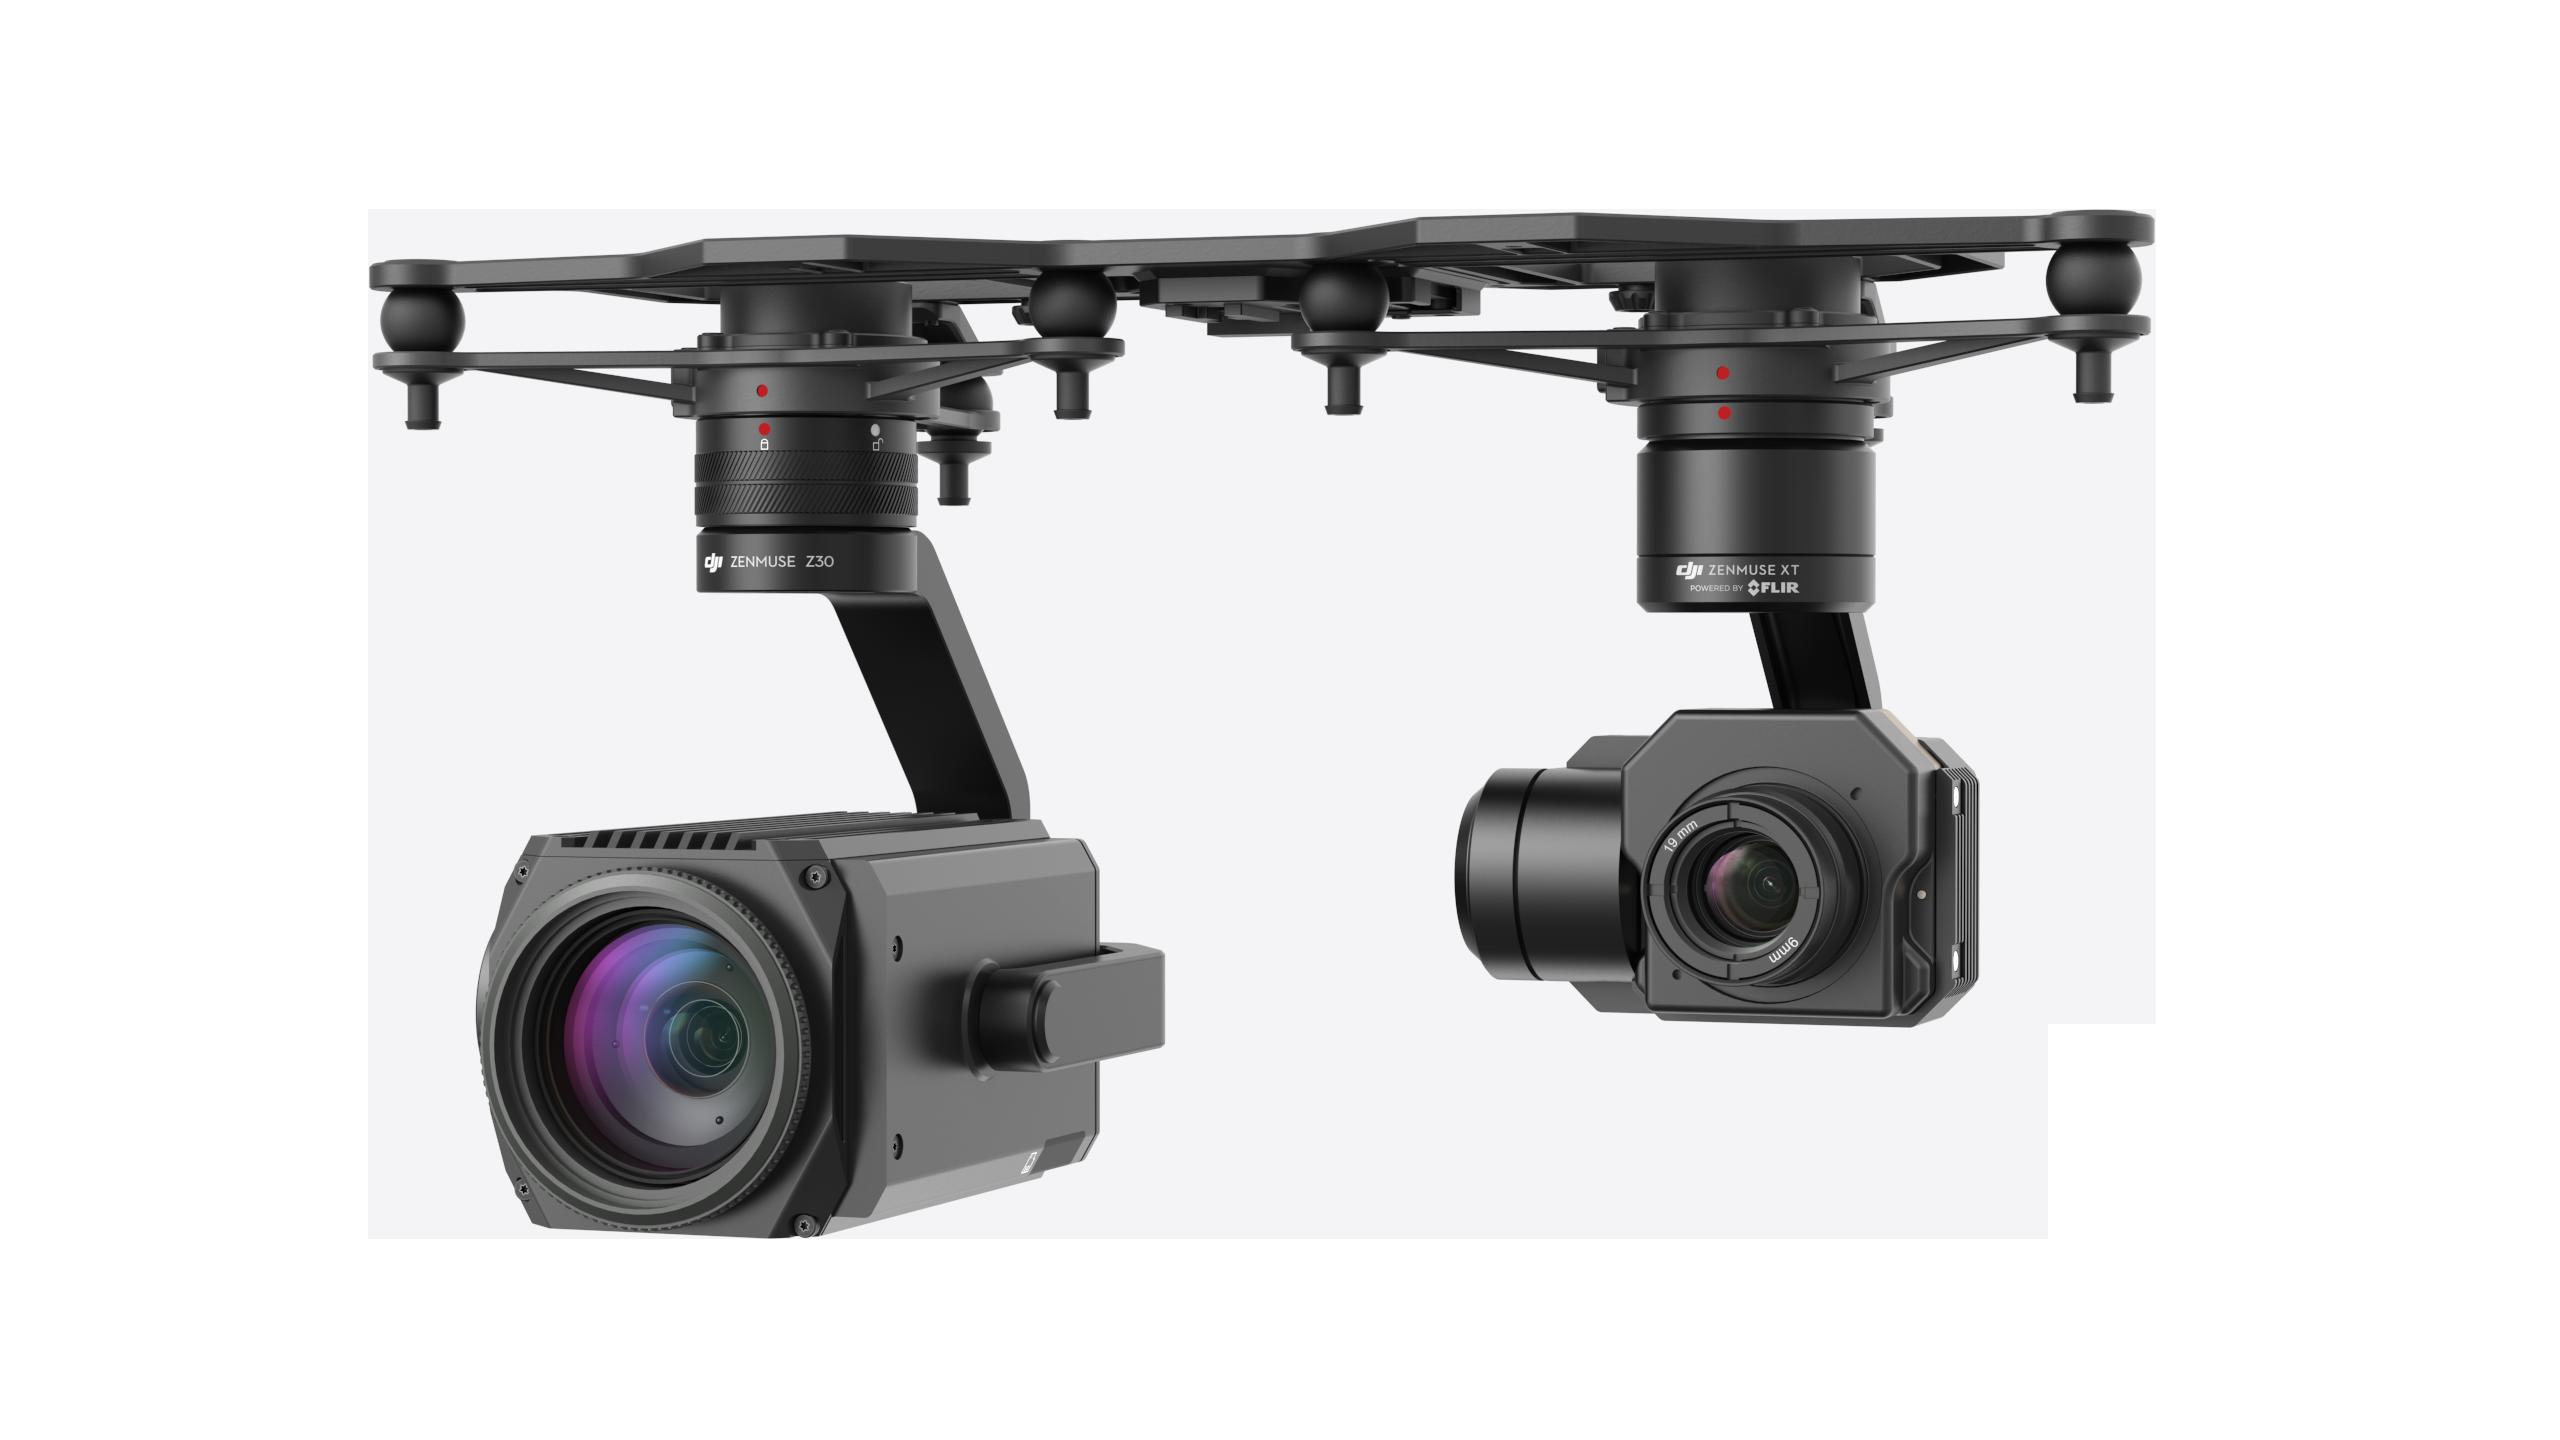 Podwójny gimbal do drona DJI MATRICE 210 dostępny w autoryzowanym dji sklepie iron sky tel 663 944 151